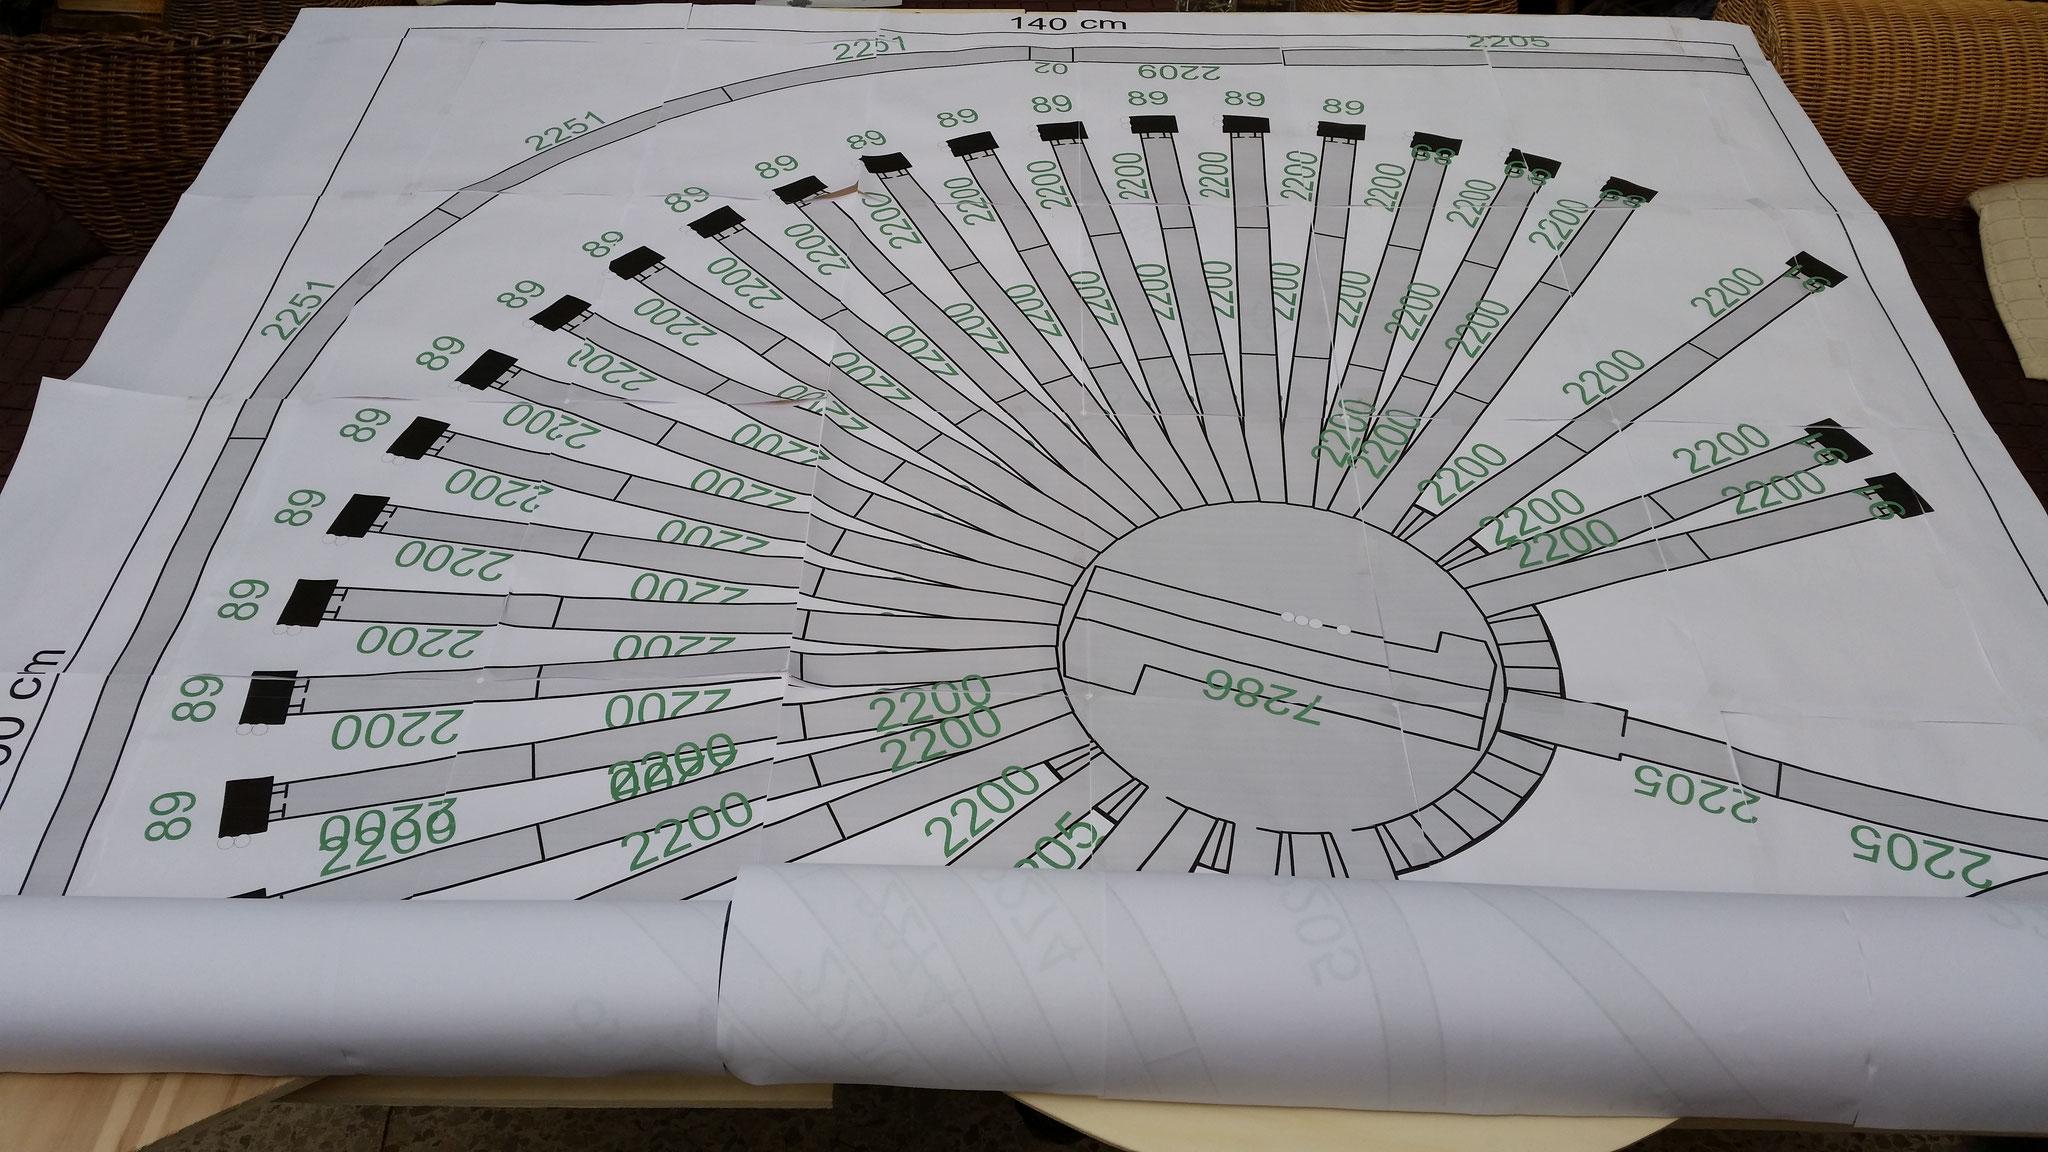 Abschließend für Bautag 8 noch den Plan zur Überprüfung der Rahmen und Segmente aufgelegt :) Passt alles